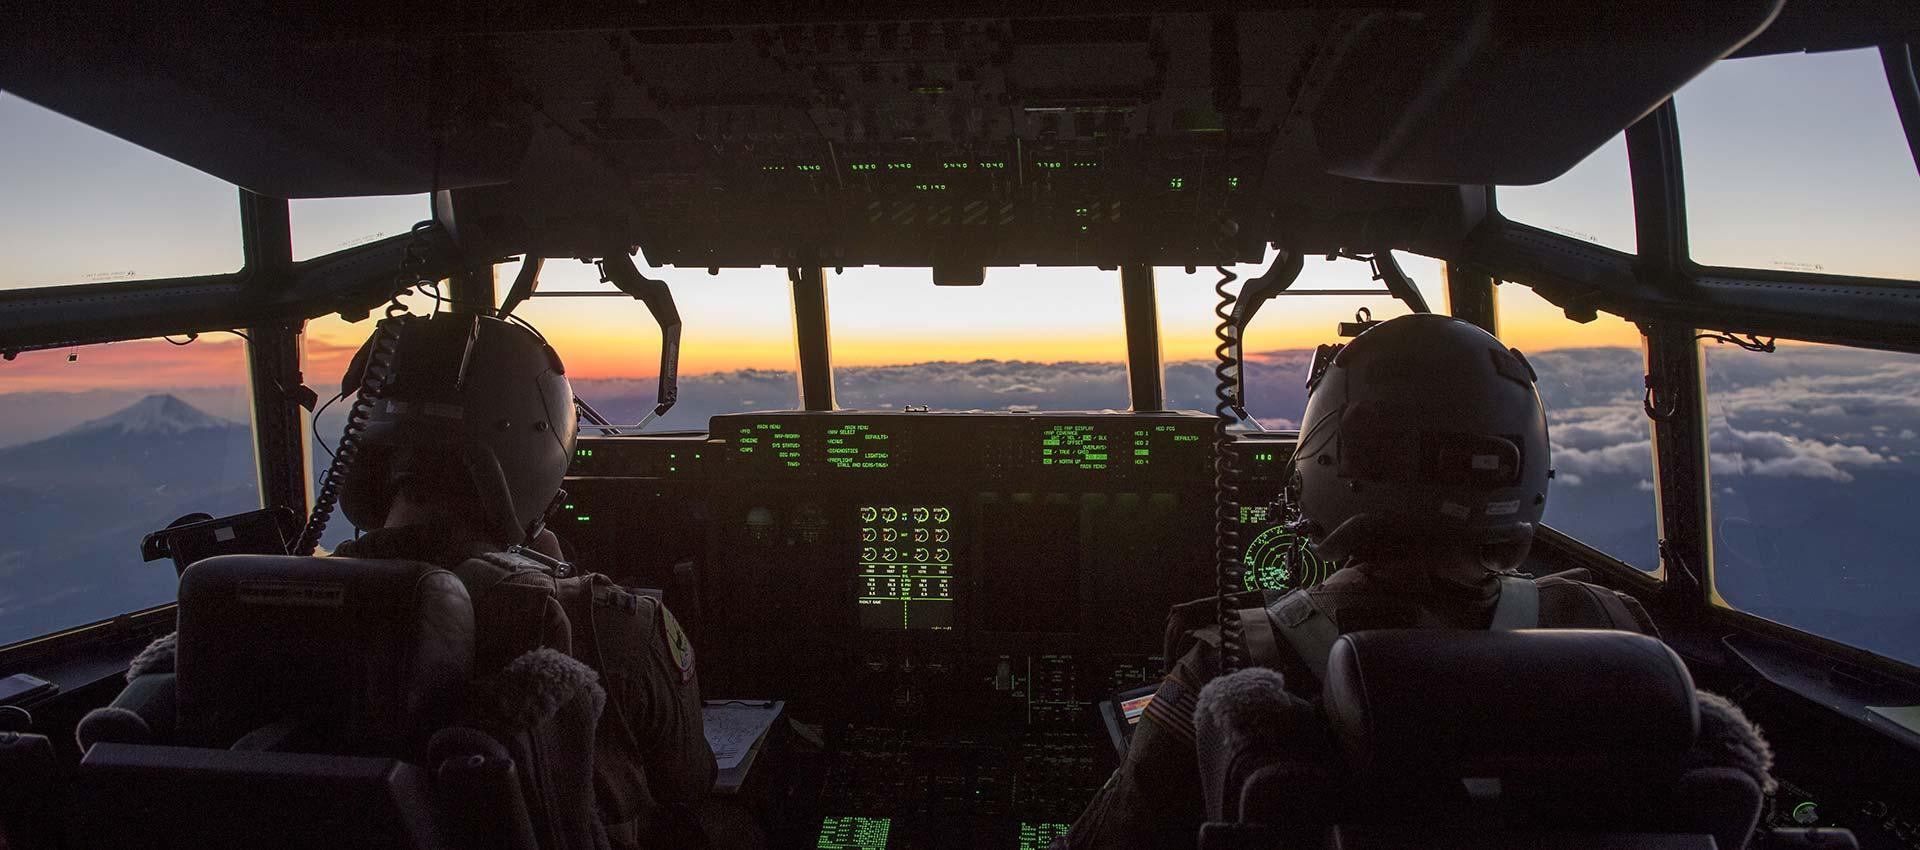 C3 - Digital Transformation In Aviation